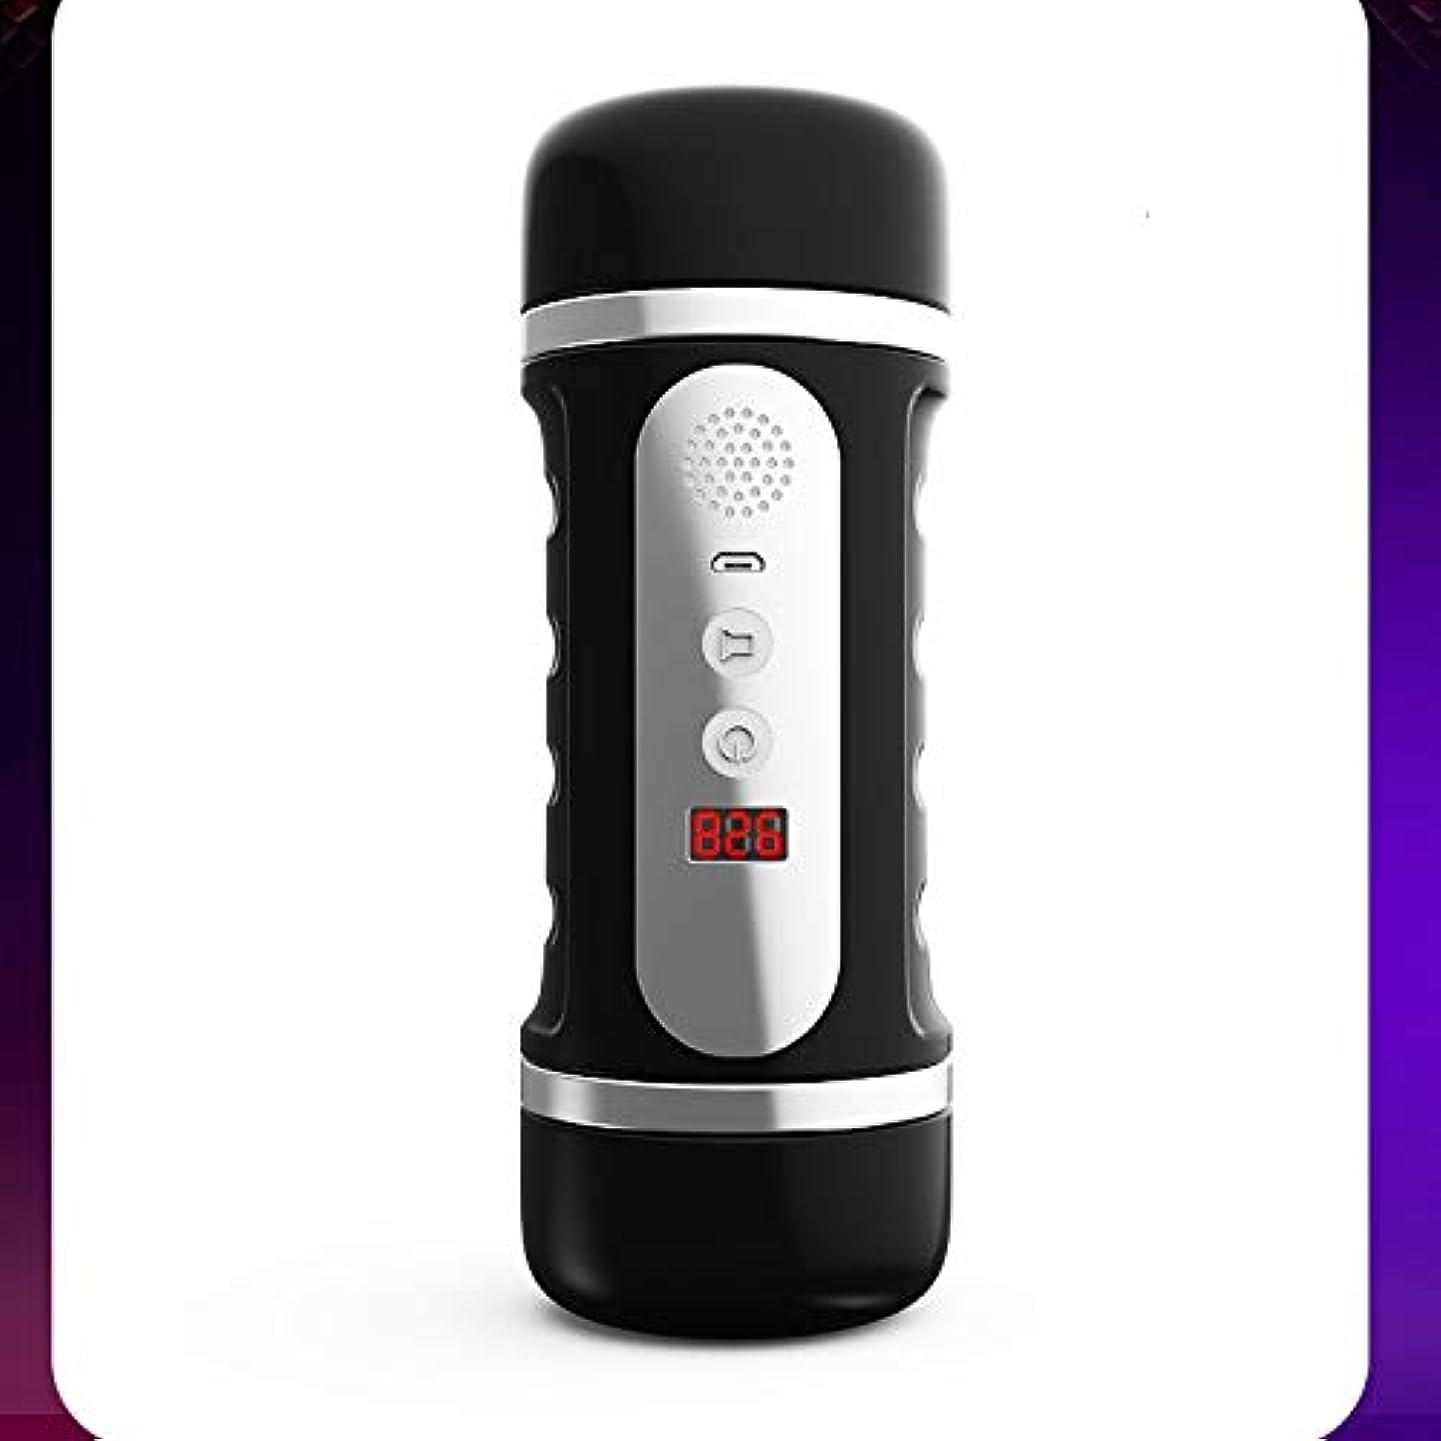 一掃する感じる囚人USBキュートでチャーミングな男性自動ピストンカップスマートは100%防水、強力な吸い男性オナニーデバイスの軽量スラスト